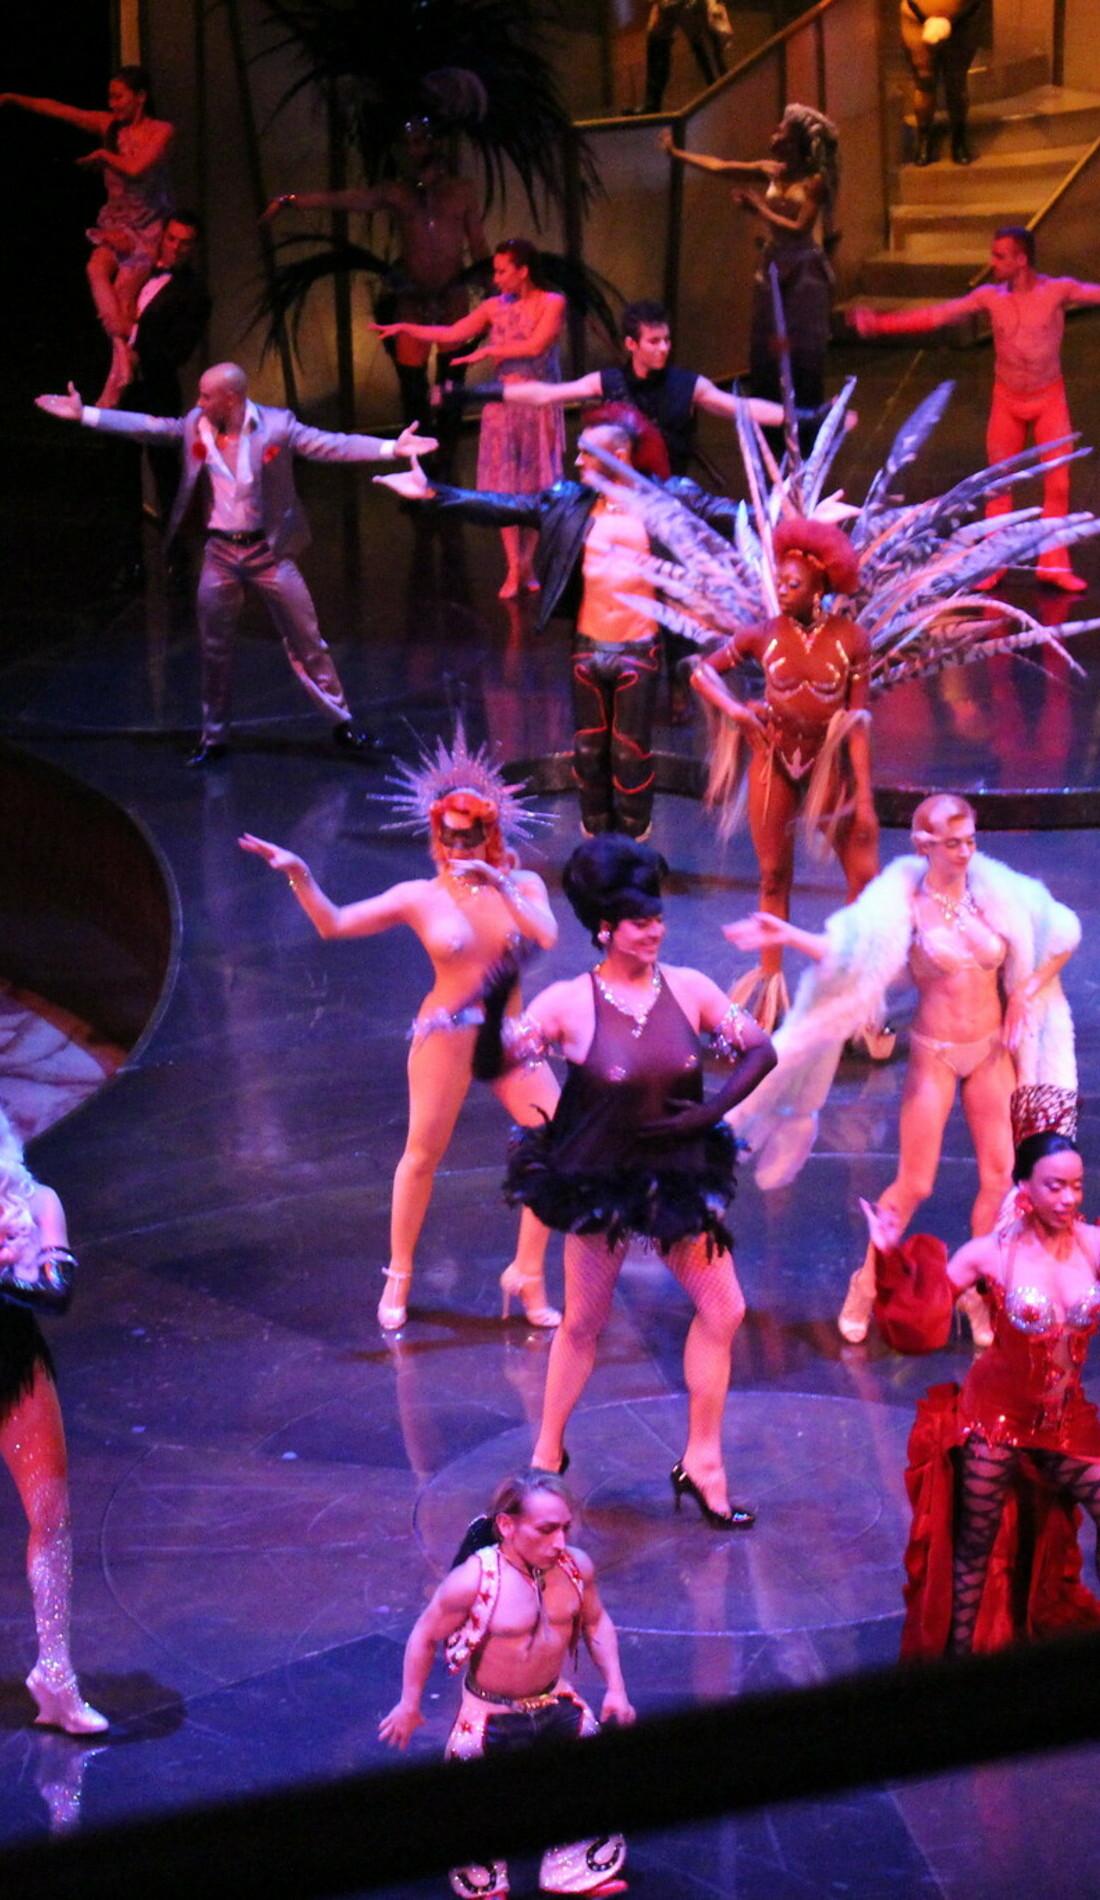 A Cirque du Soleil: Zumanity live event